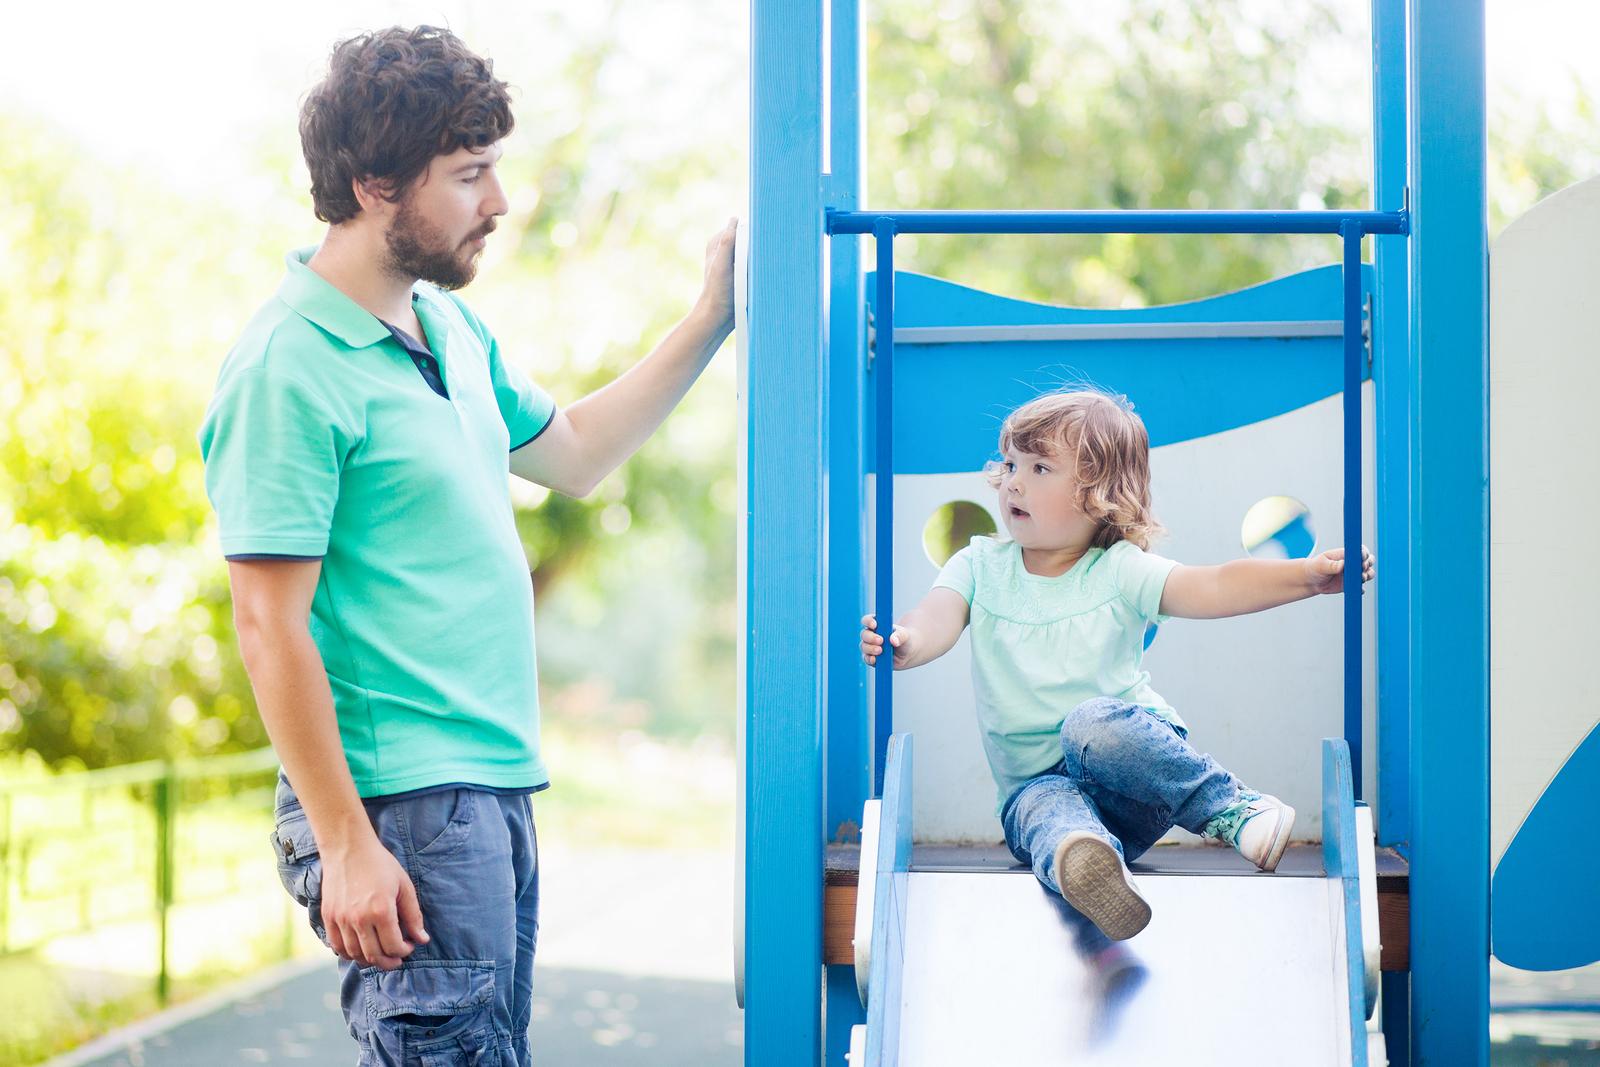 Vater und Sohn spielen auf dem Spielplatz